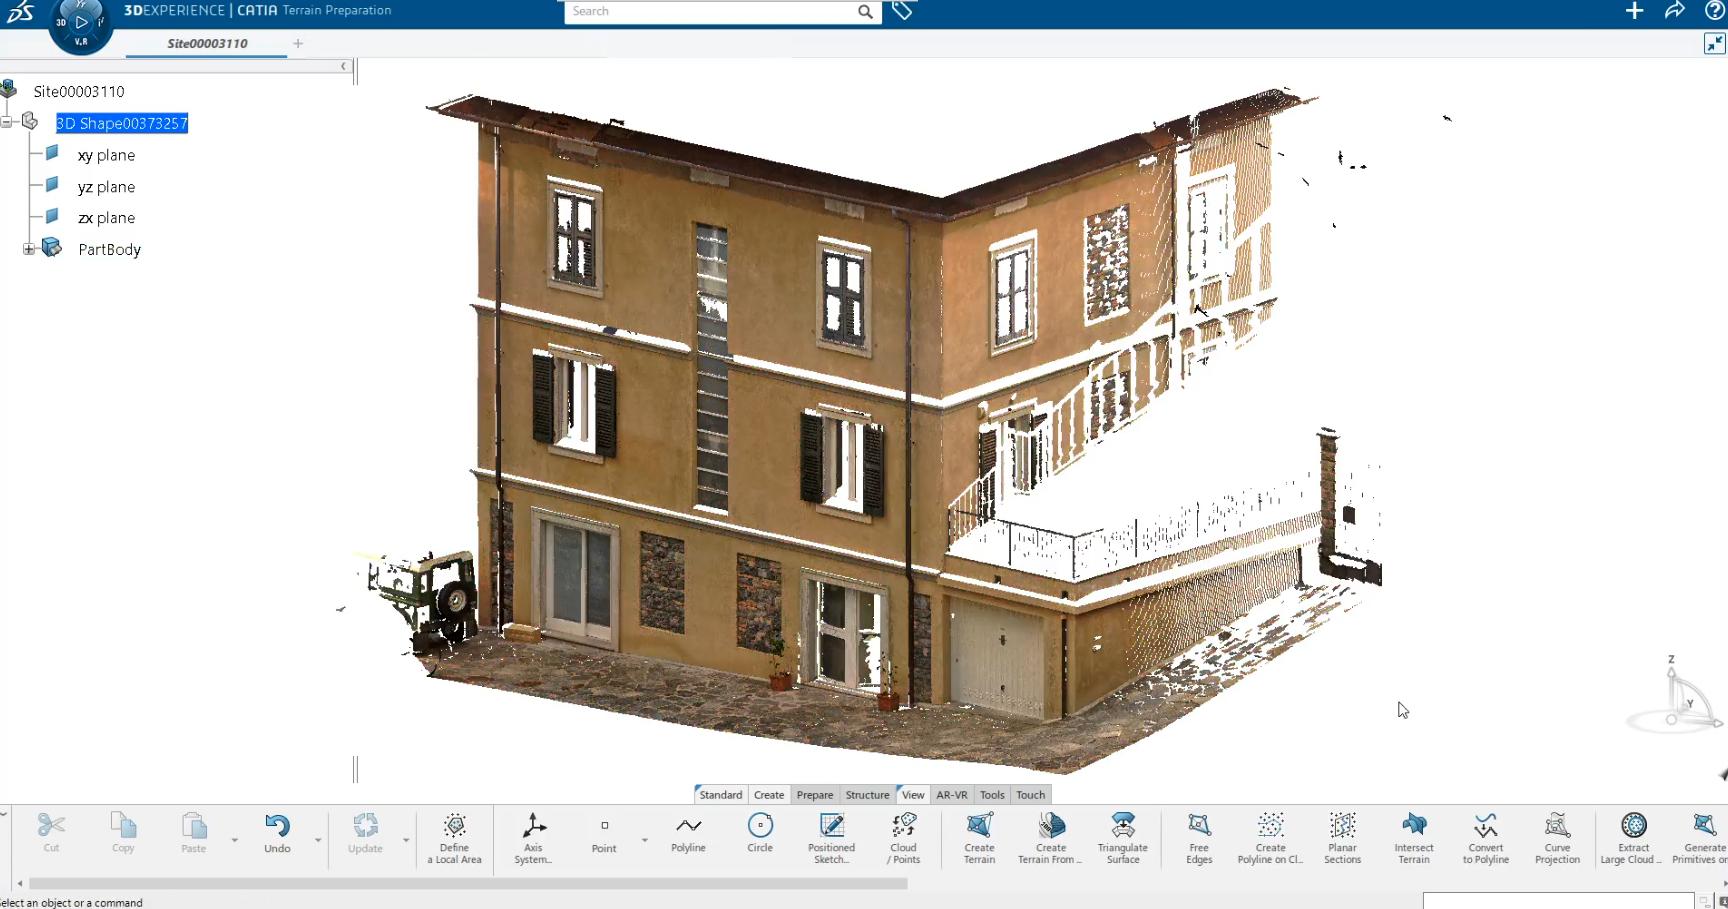 Progetto strutturale su un edificio esistente